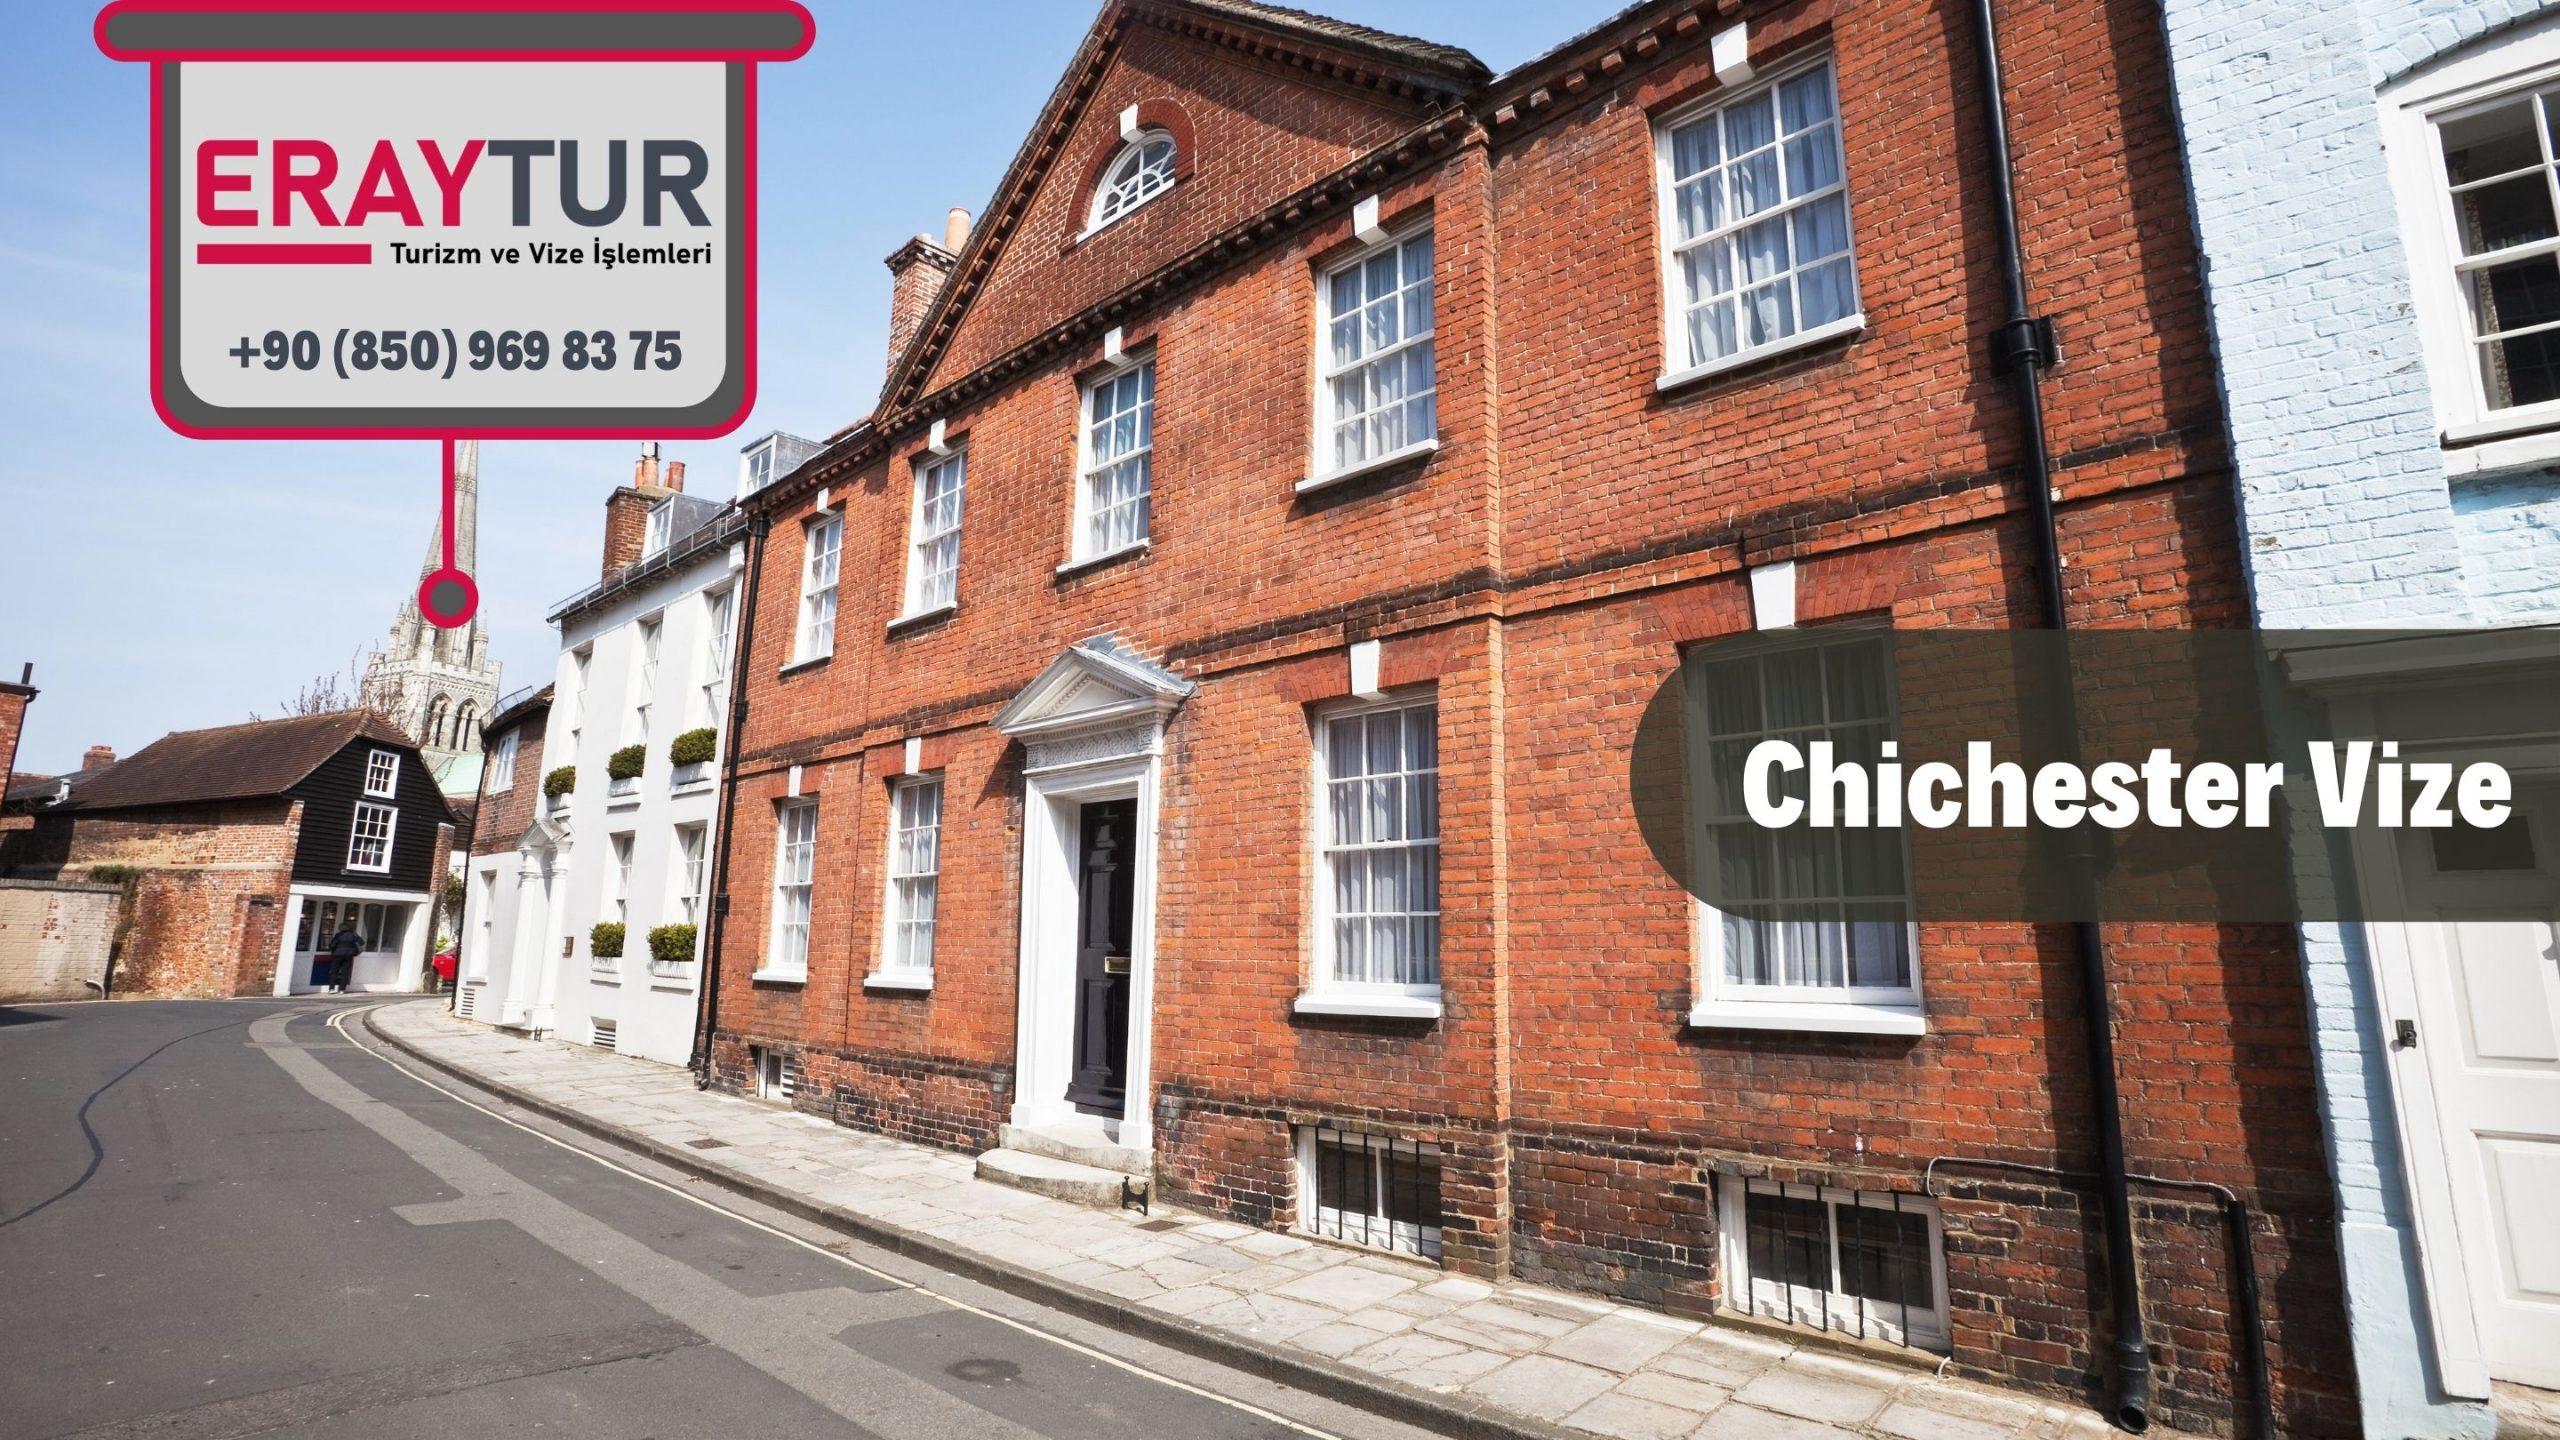 İngiltere Chichester Vize Başvurusu